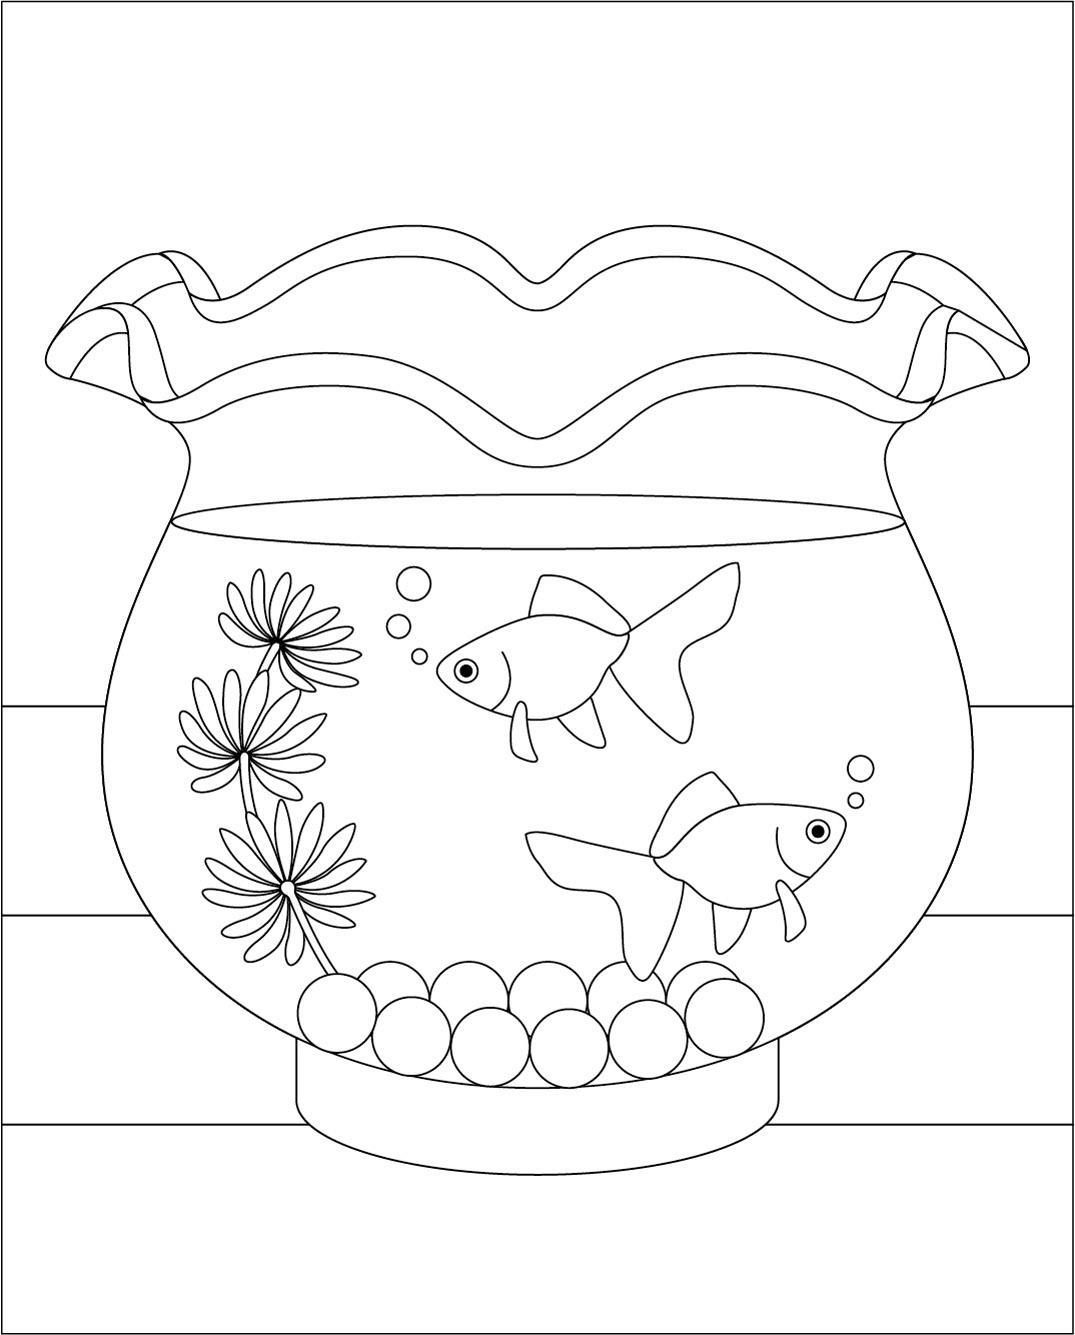 レク素材 金魚鉢介護レク広場レク素材やレクネタ企画書の無料